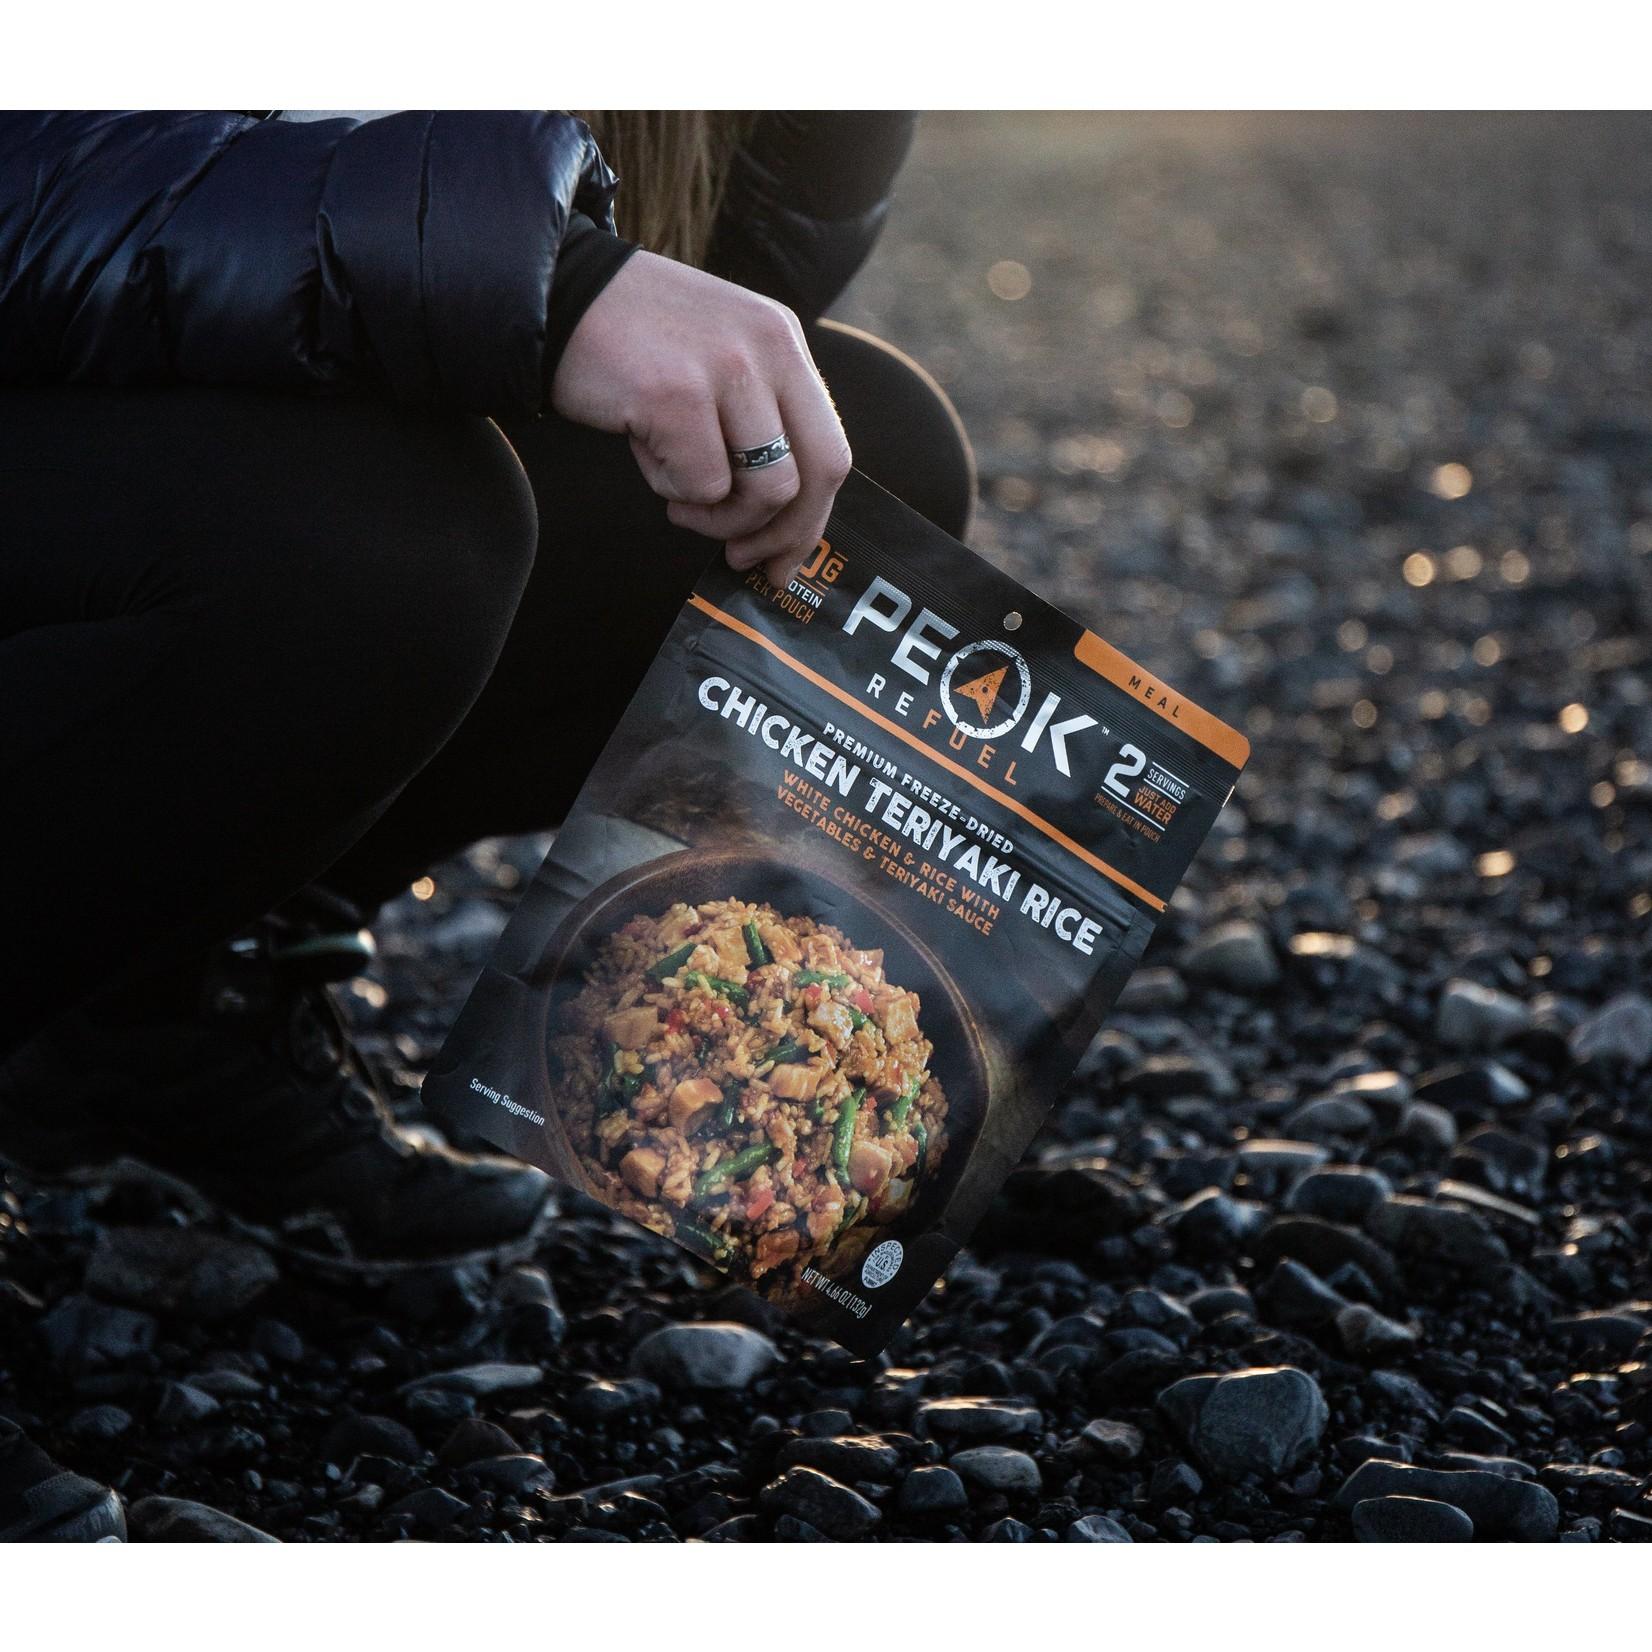 Peak Refuel Peak ReFuel Chicken Teriyaki Rice Meal